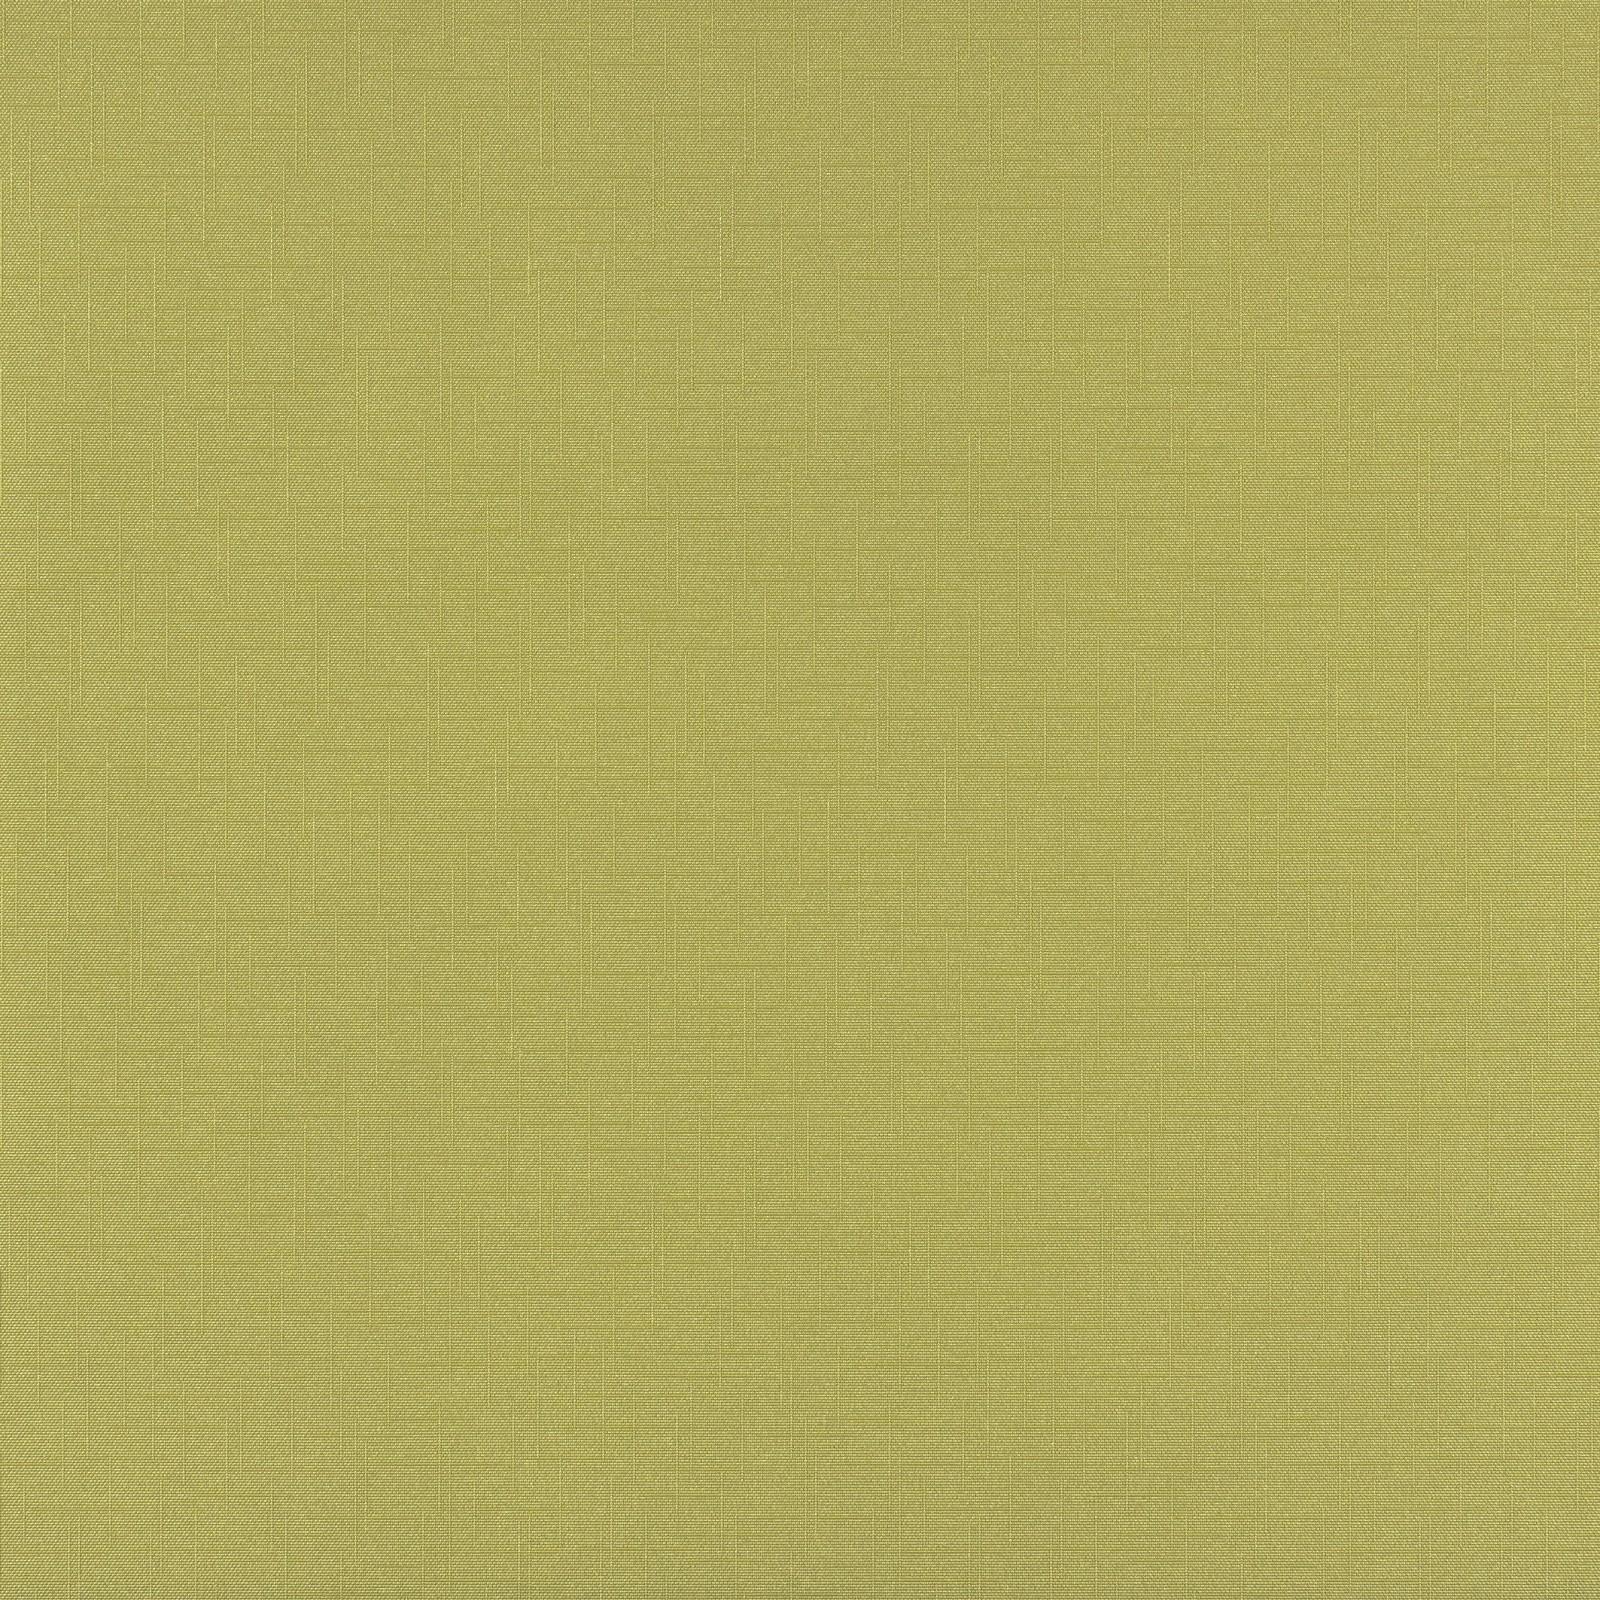 Wallpaper Deco Chic 2015 Rasch wallpaper 728583 plain green metallic 1600x1600